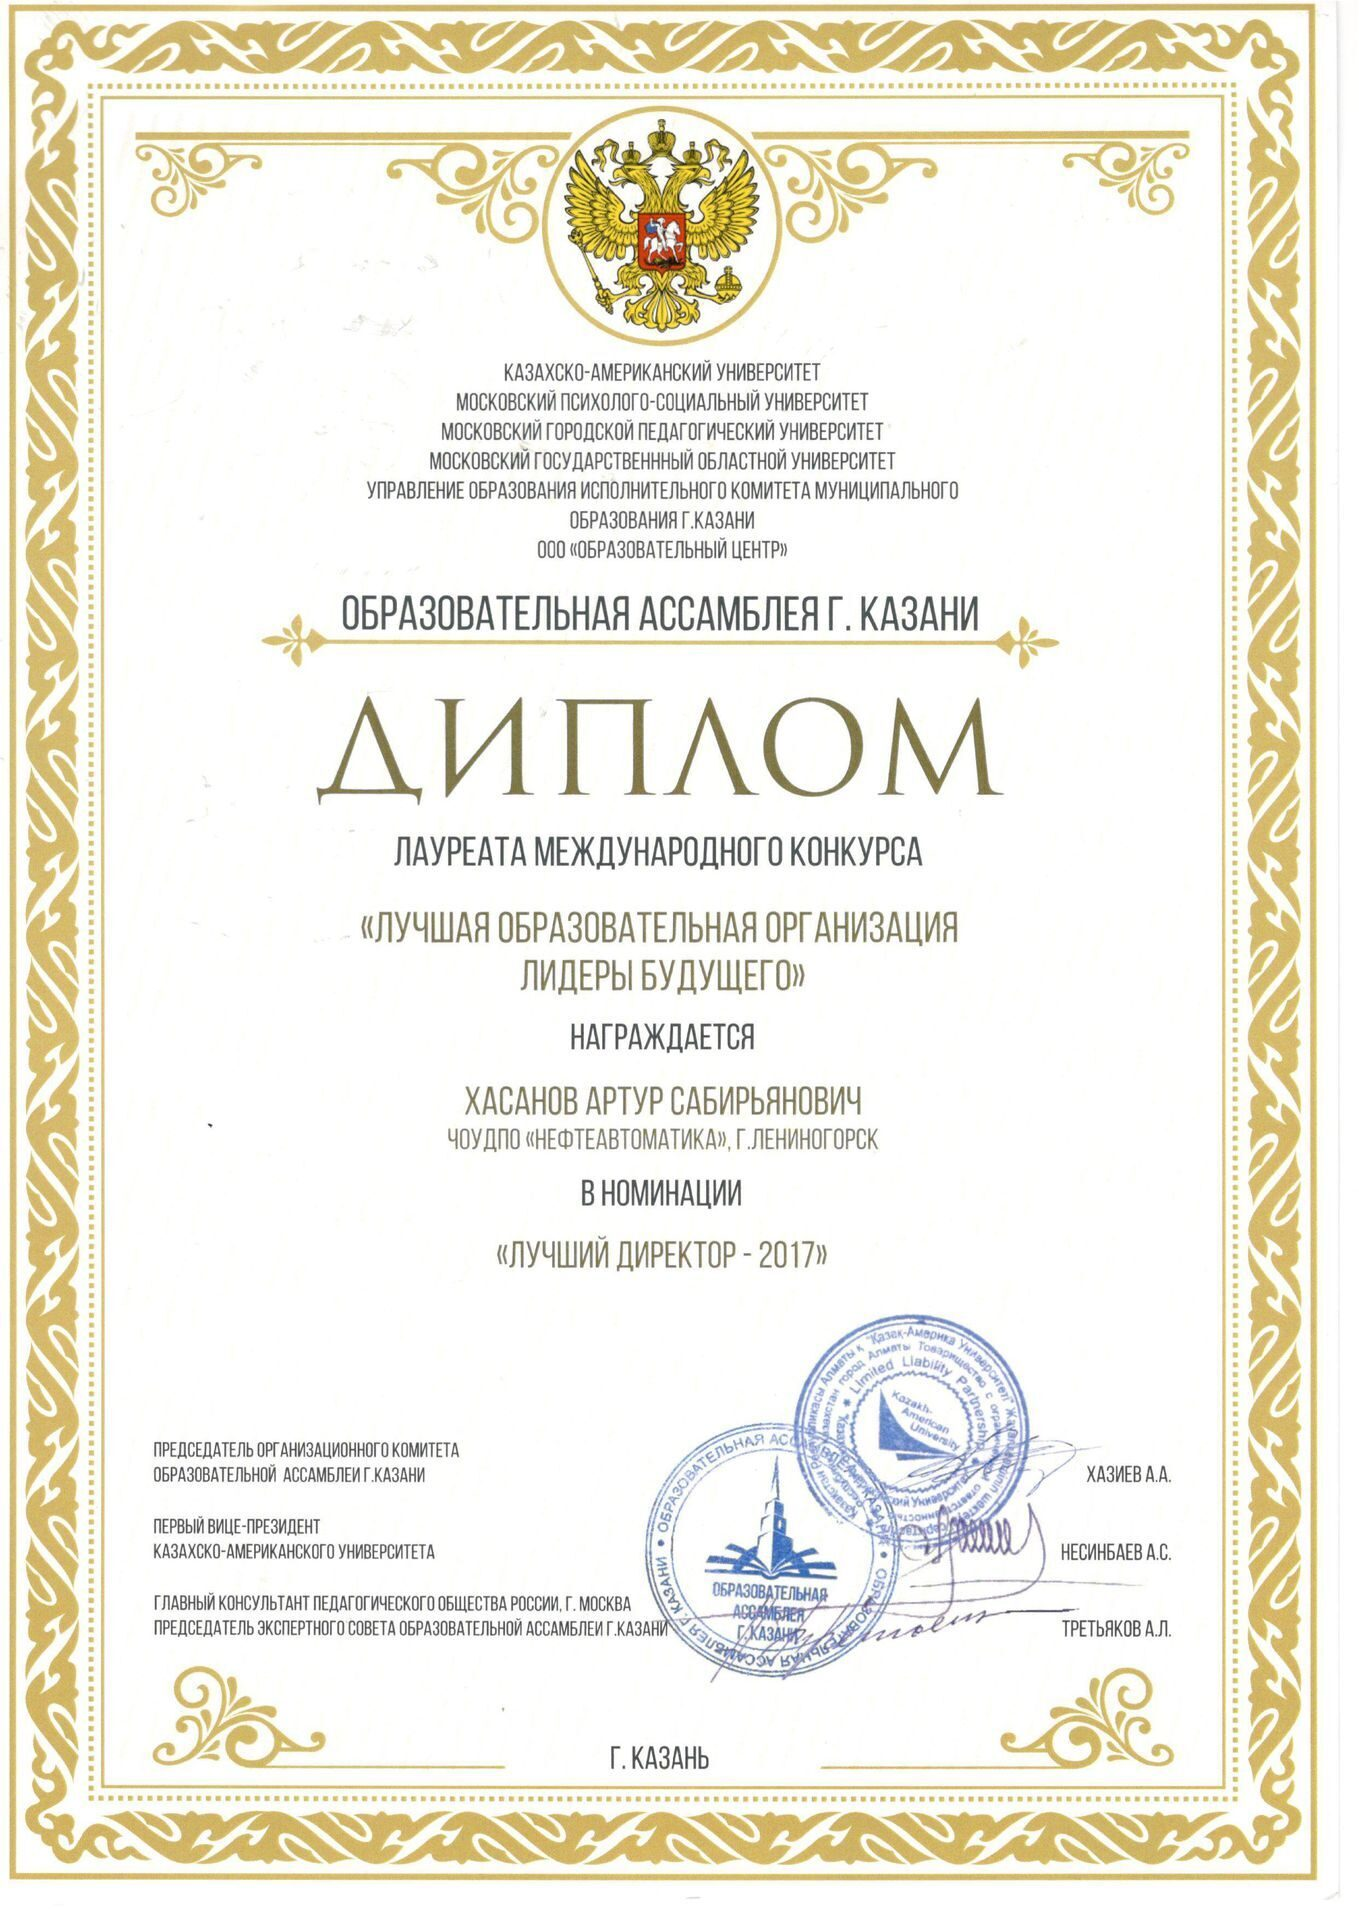 Награды Диплом лучший директор 2017